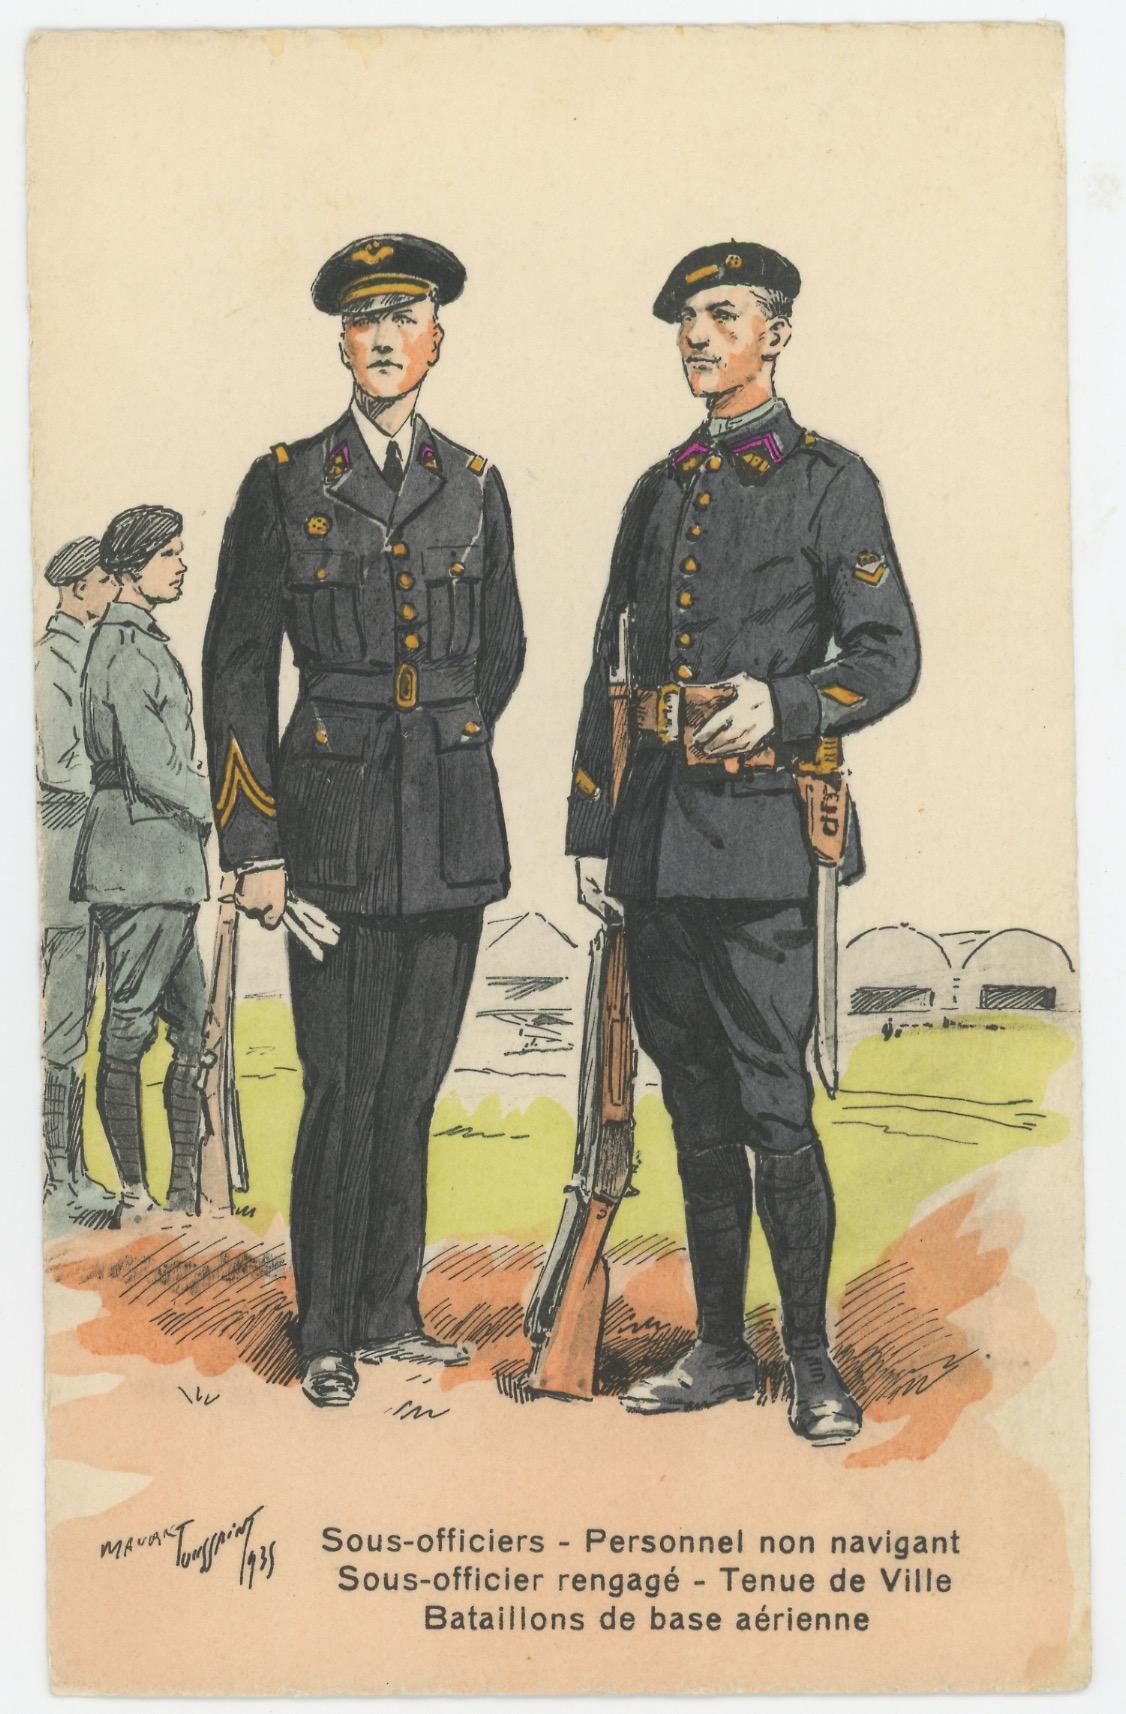 Carte Postale Illustrée - Maurice Toussaint - Edition Militaire Illustrées - Base Aérienne - Sous officiers - Personnel non-naviguant - 1940